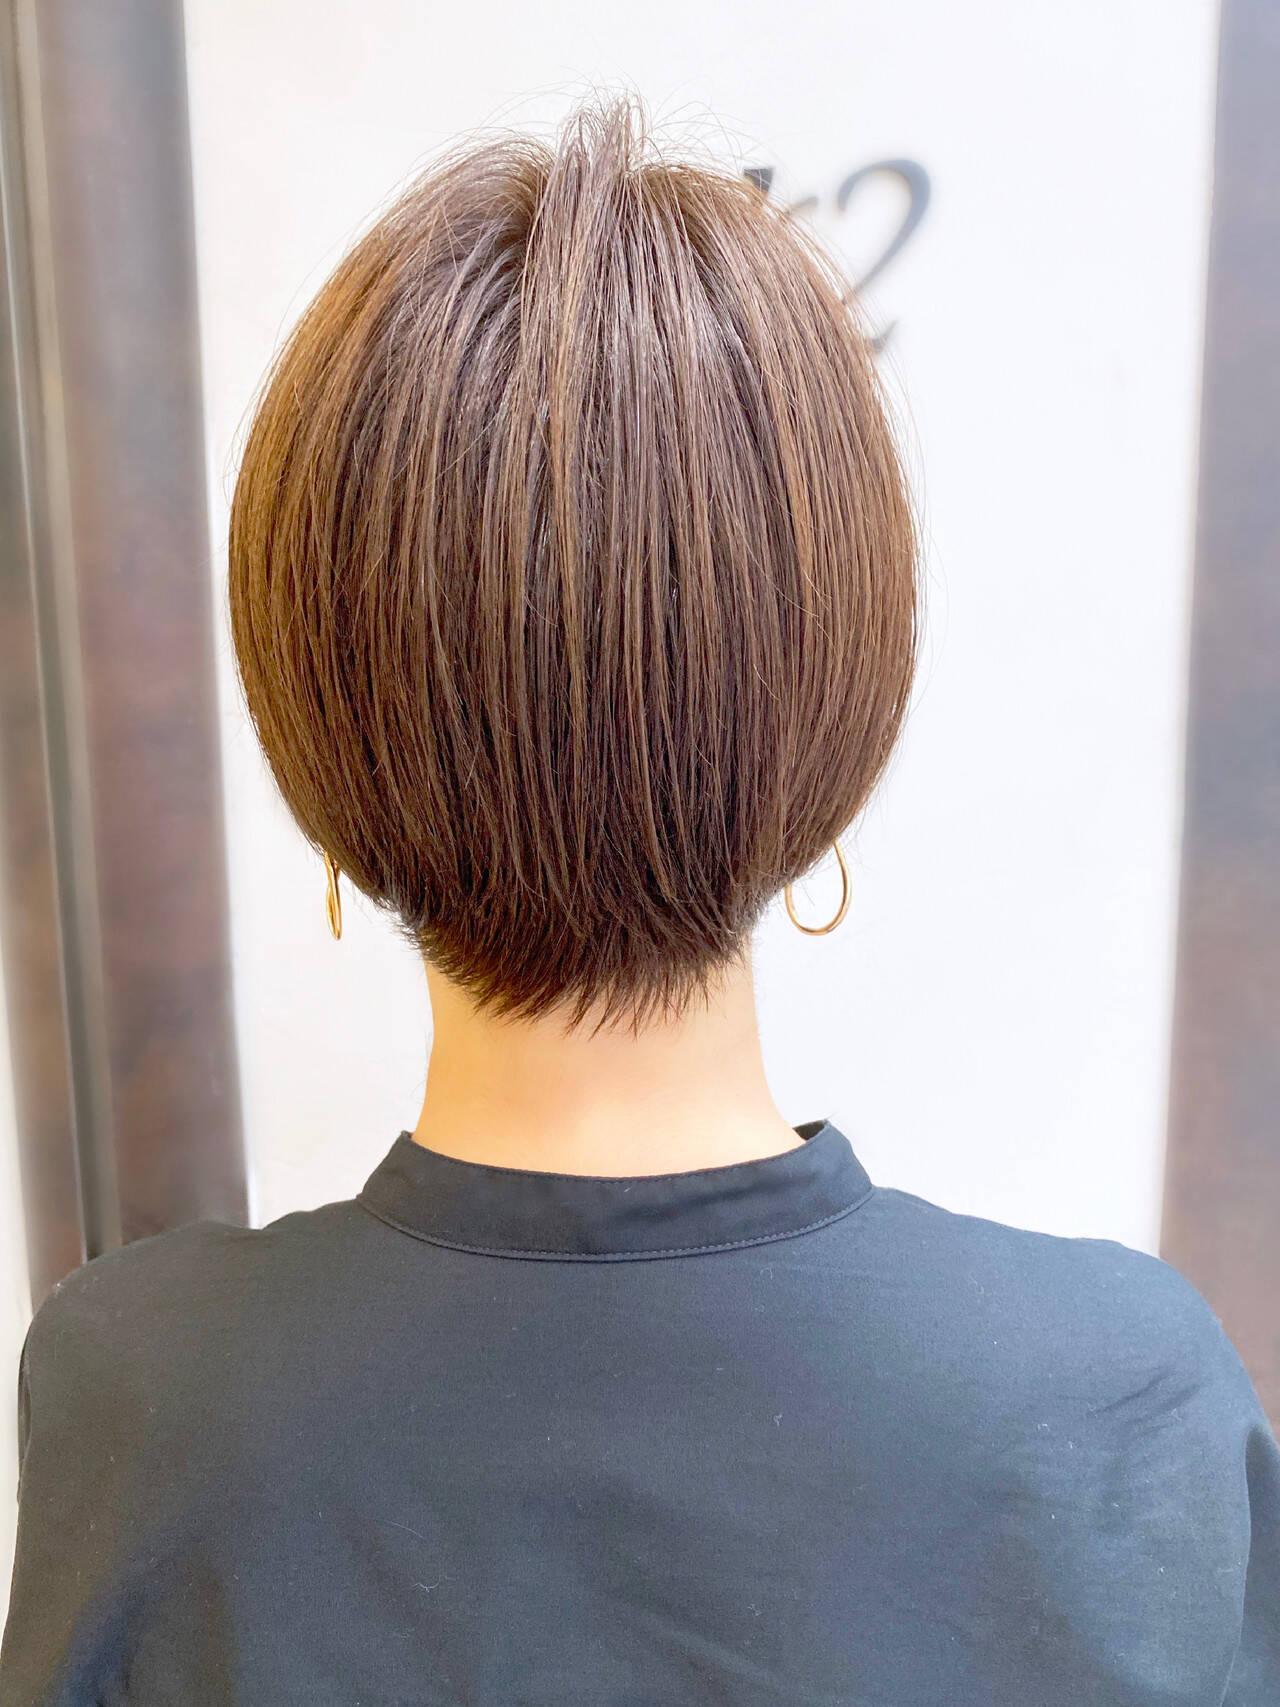 ナチュラル ショート 簡単スタイリング ショートヘアヘアスタイルや髪型の写真・画像